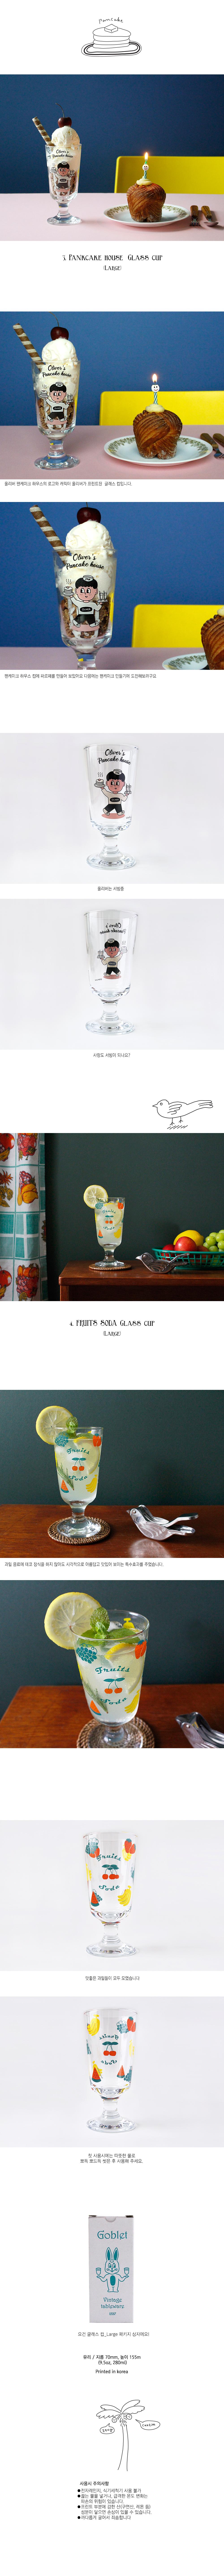 1537(FIFTEEN THIRTY SEVEN) 글래스컵 라지 (4종)